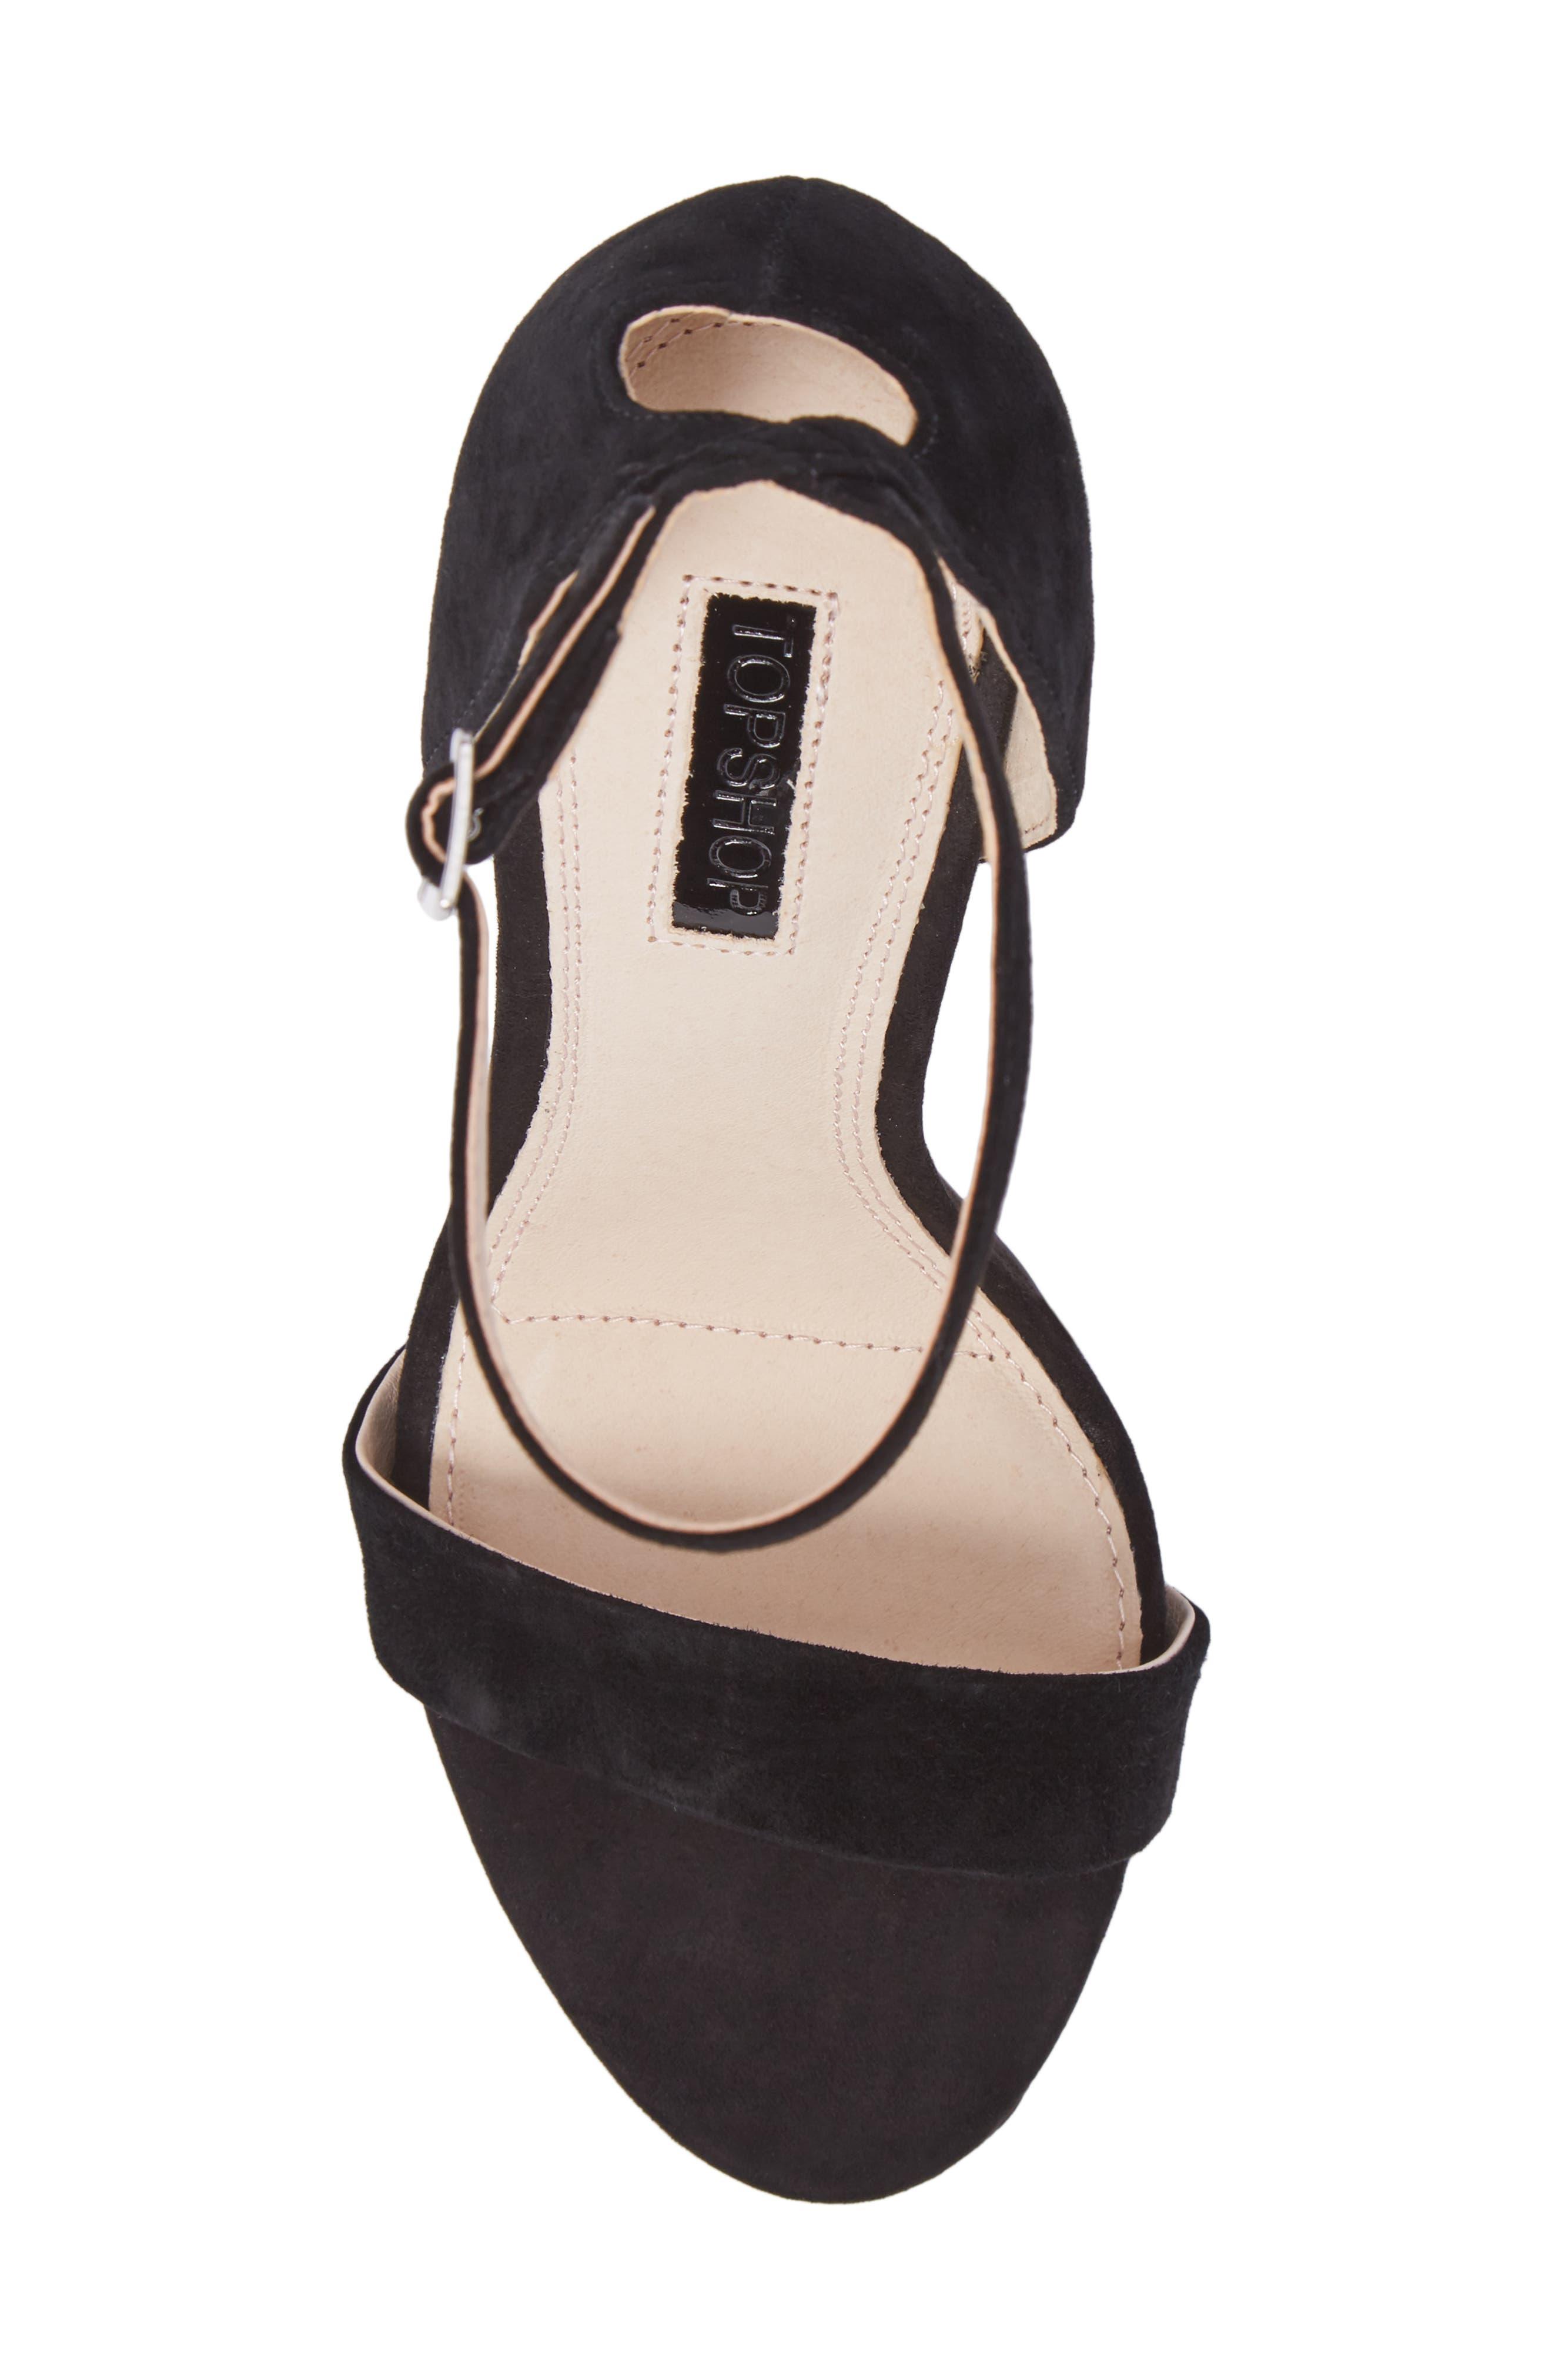 Raphie Ankle Strap Sandal,                             Alternate thumbnail 5, color,                             001